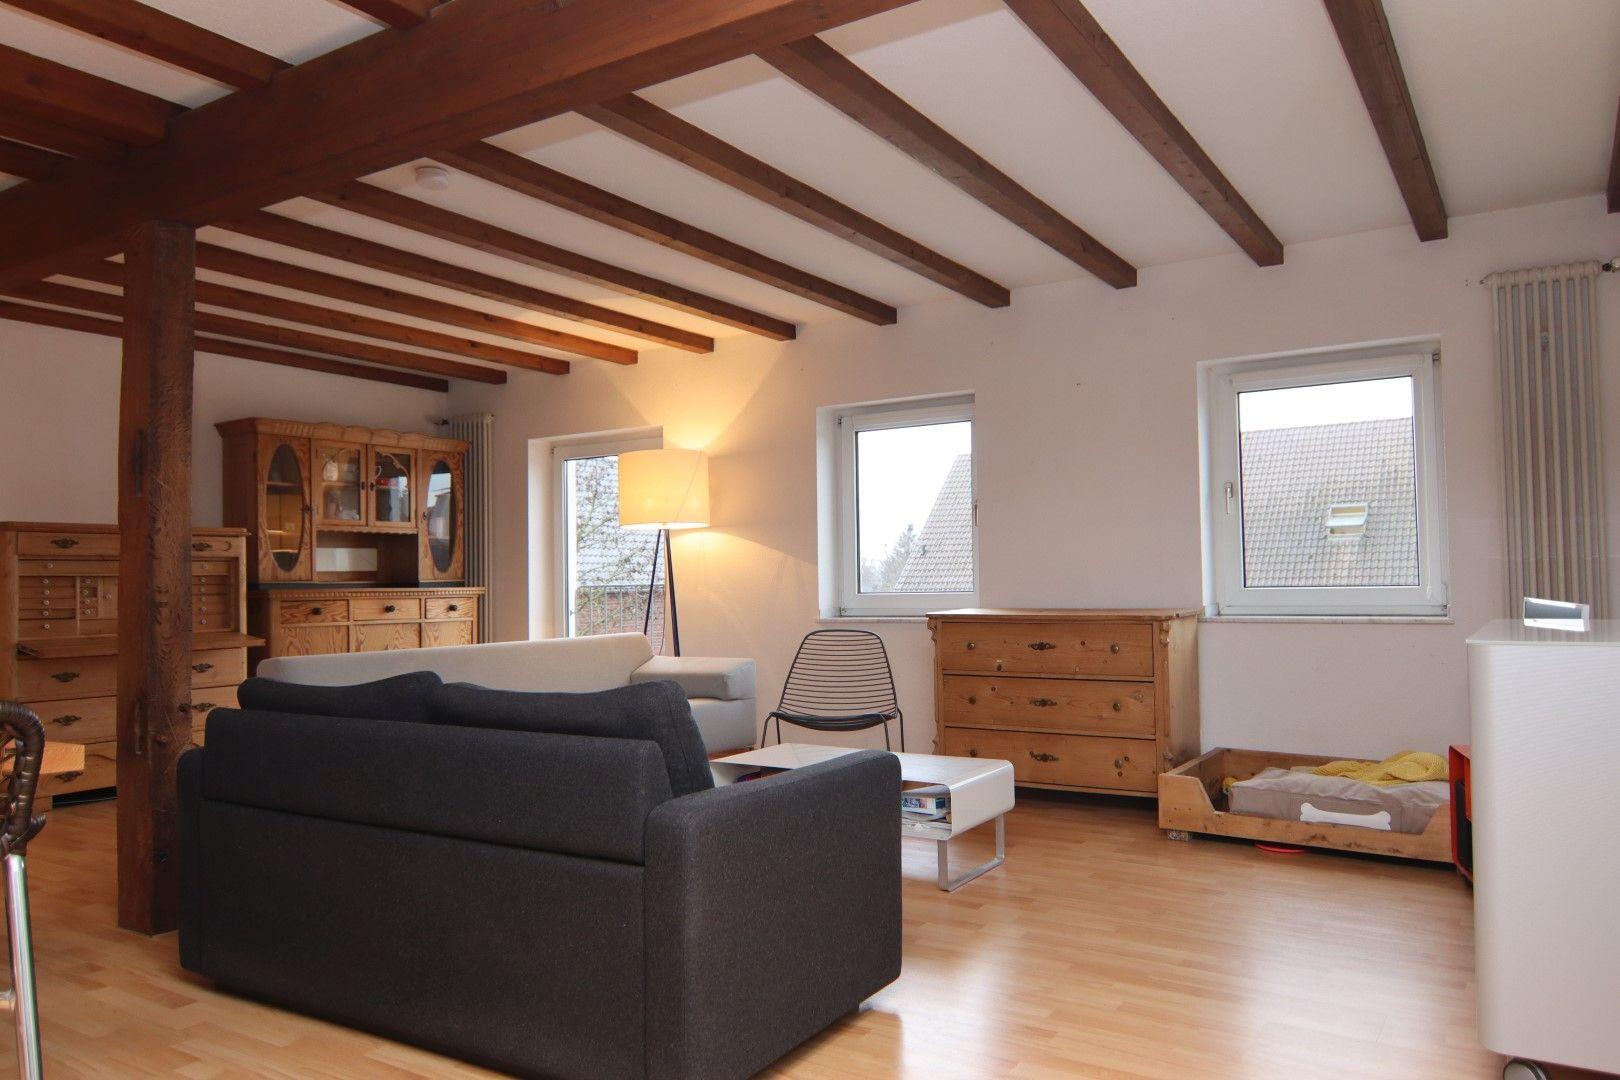 Immobilie Nr.0291 - 4-Raum-Wohnung, 2 Bäder mit Balkon u. Stpl. - Bild 2.jpg